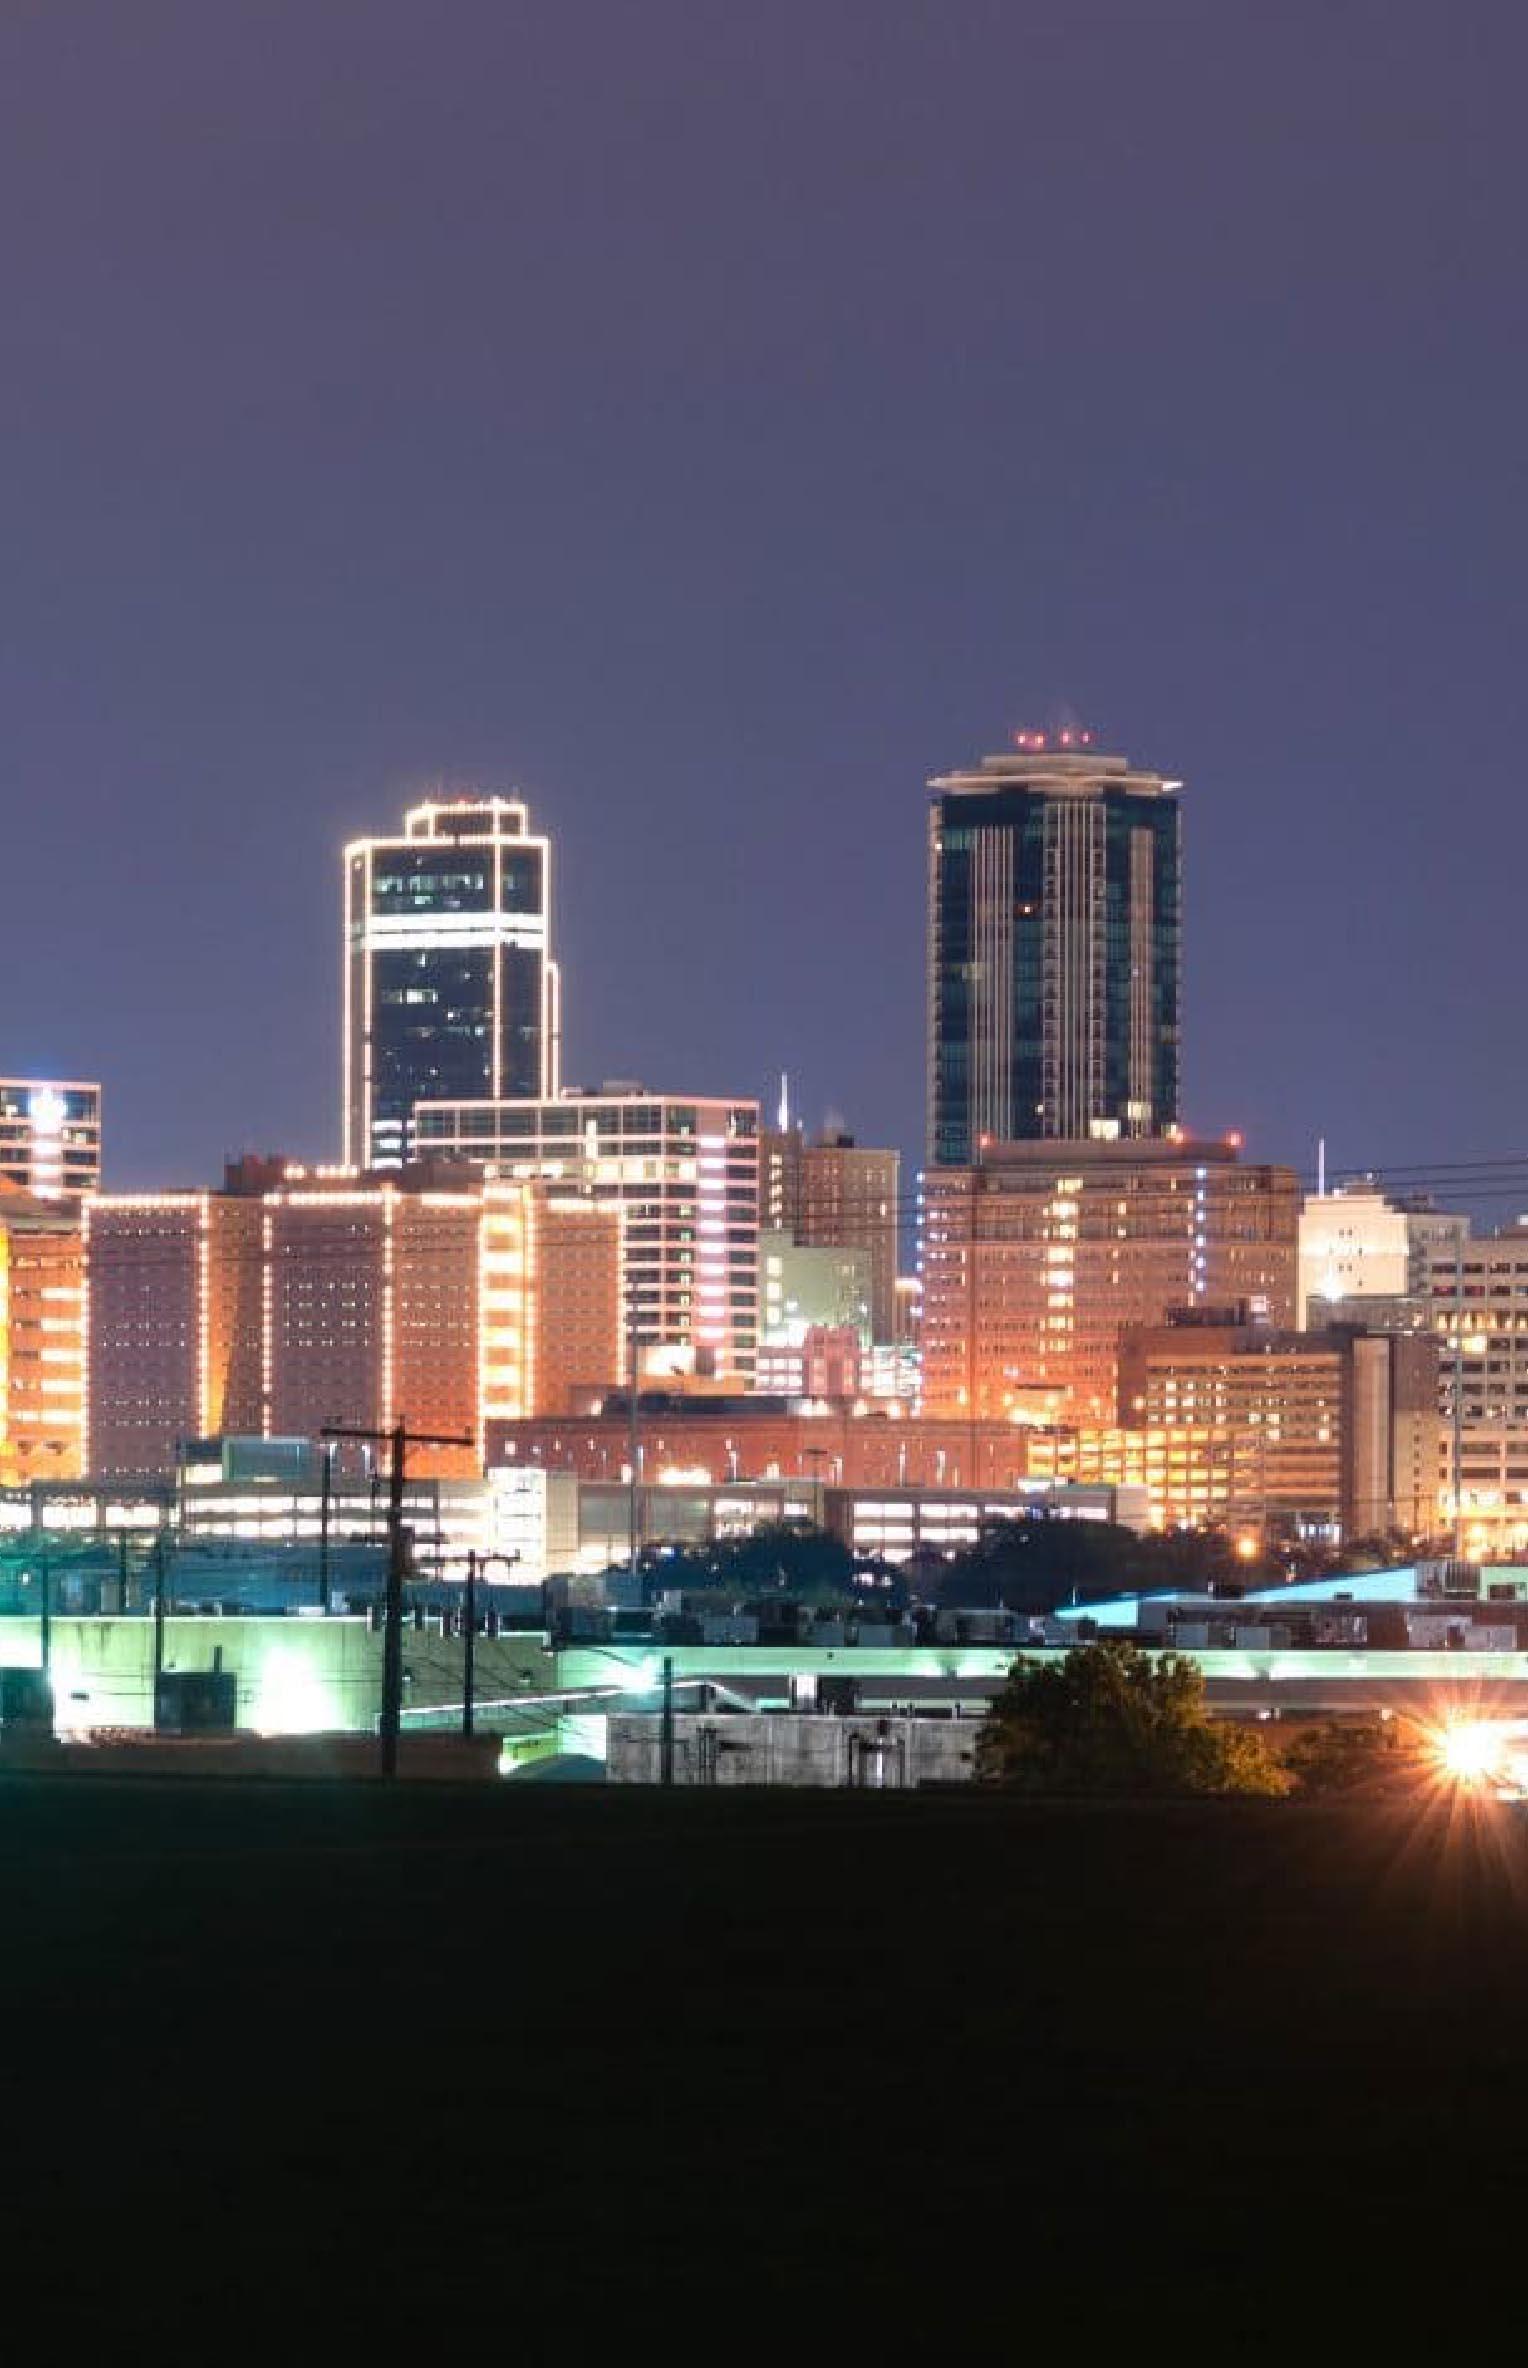 Fort Worth@2x